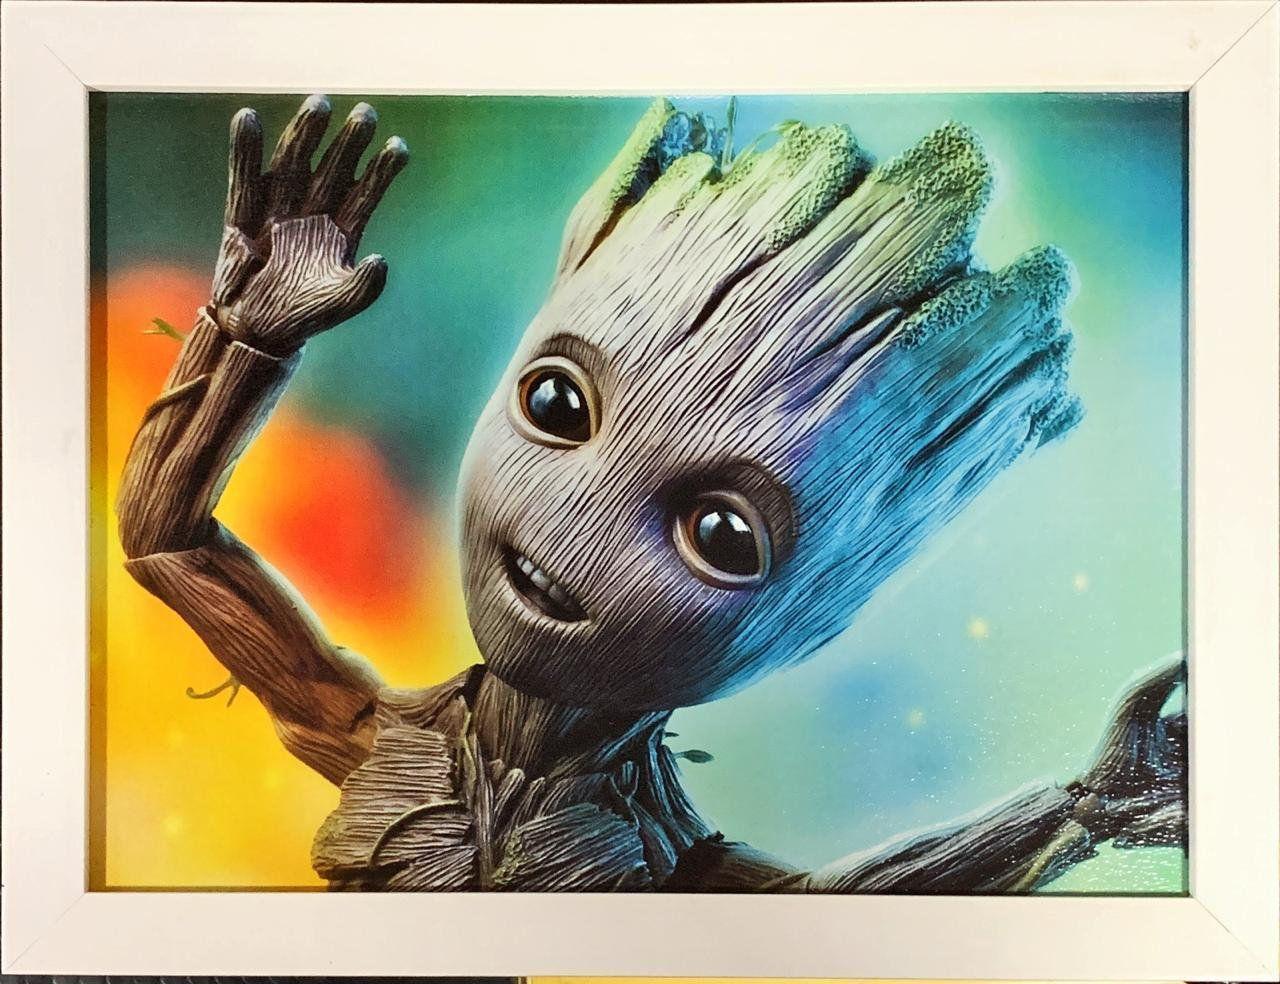 Quadro com Moldura Baby Groot: Guardiões da Galáxia Vol. 2 (Guardians of the Galaxy Vol. 2)